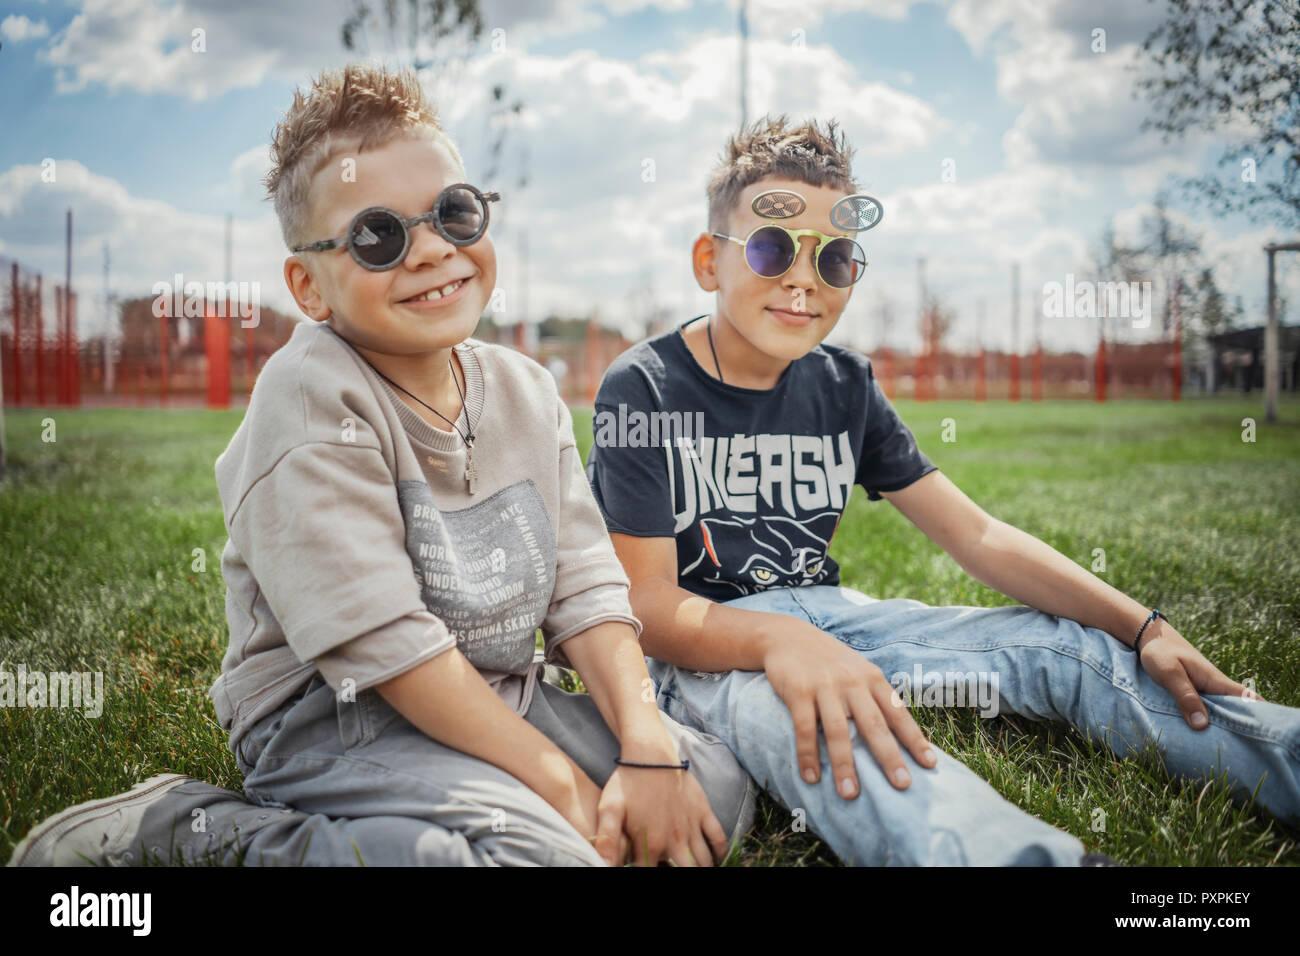 Nahaufnahme von Jungen im Park sitzen auf grünem Gras. Happy Family Konzept. Stockbild